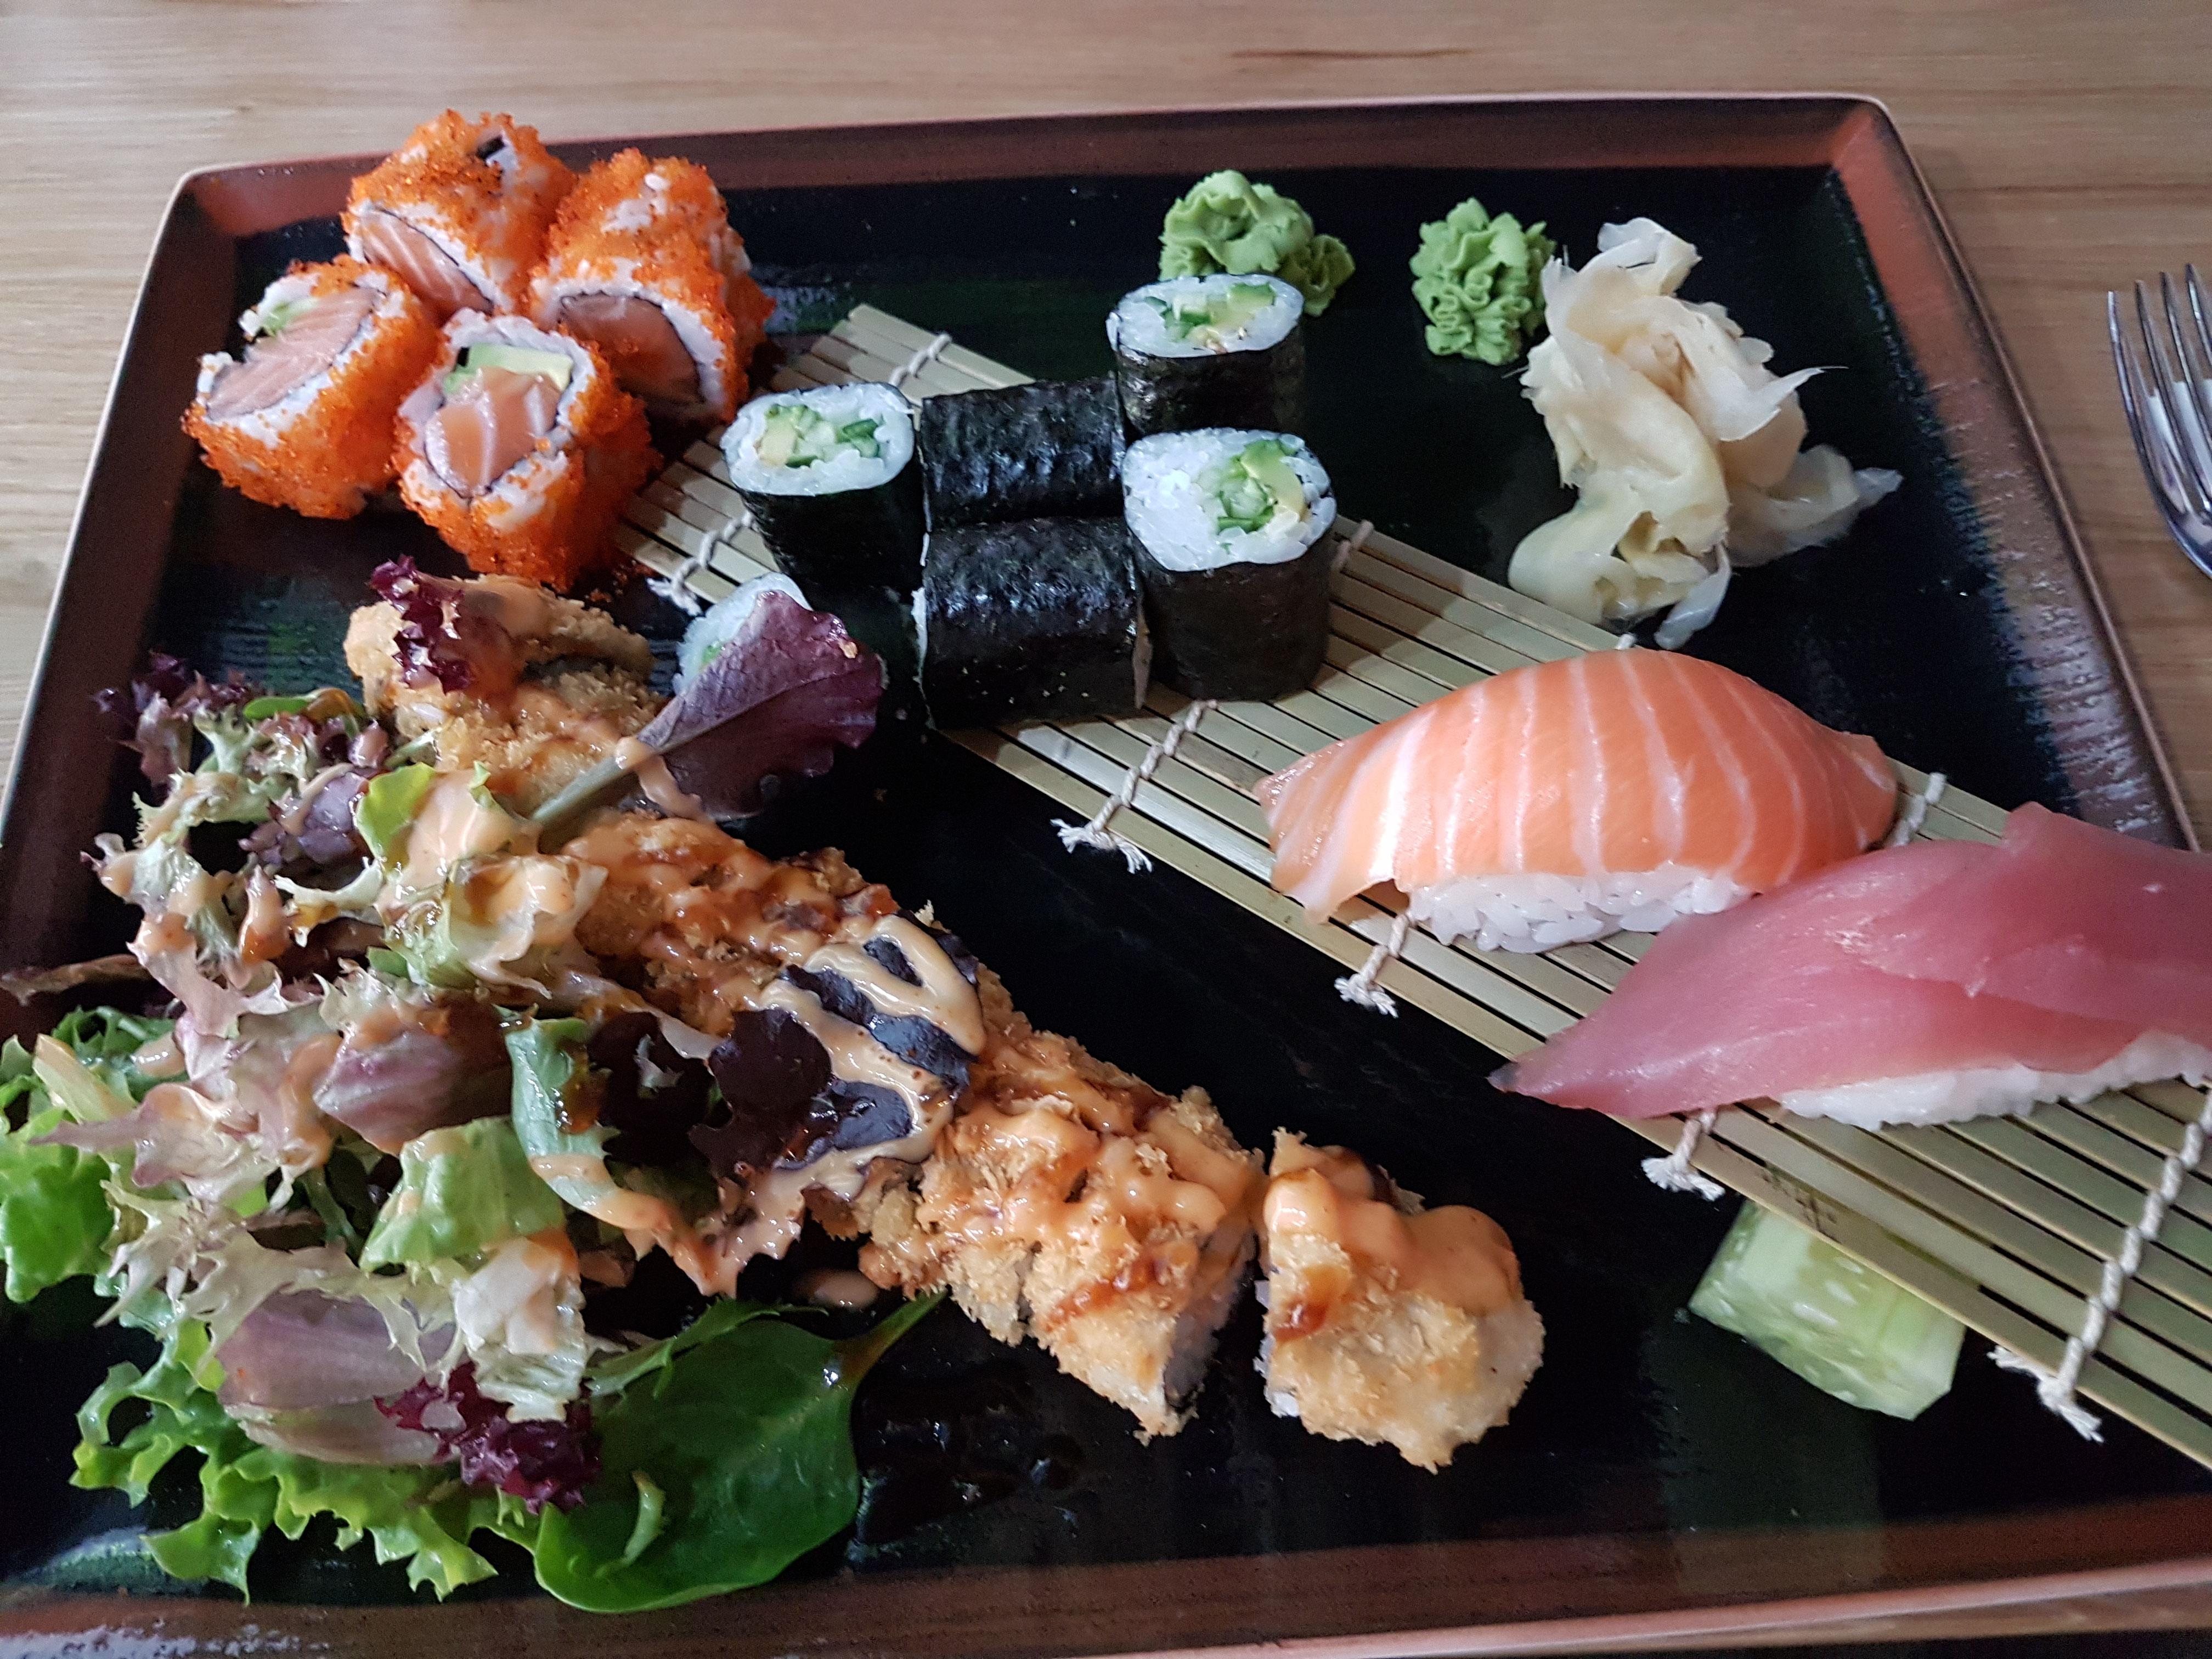 Asiatisch Karlsruhe Kulinarische Vielfalt Restauranttest In